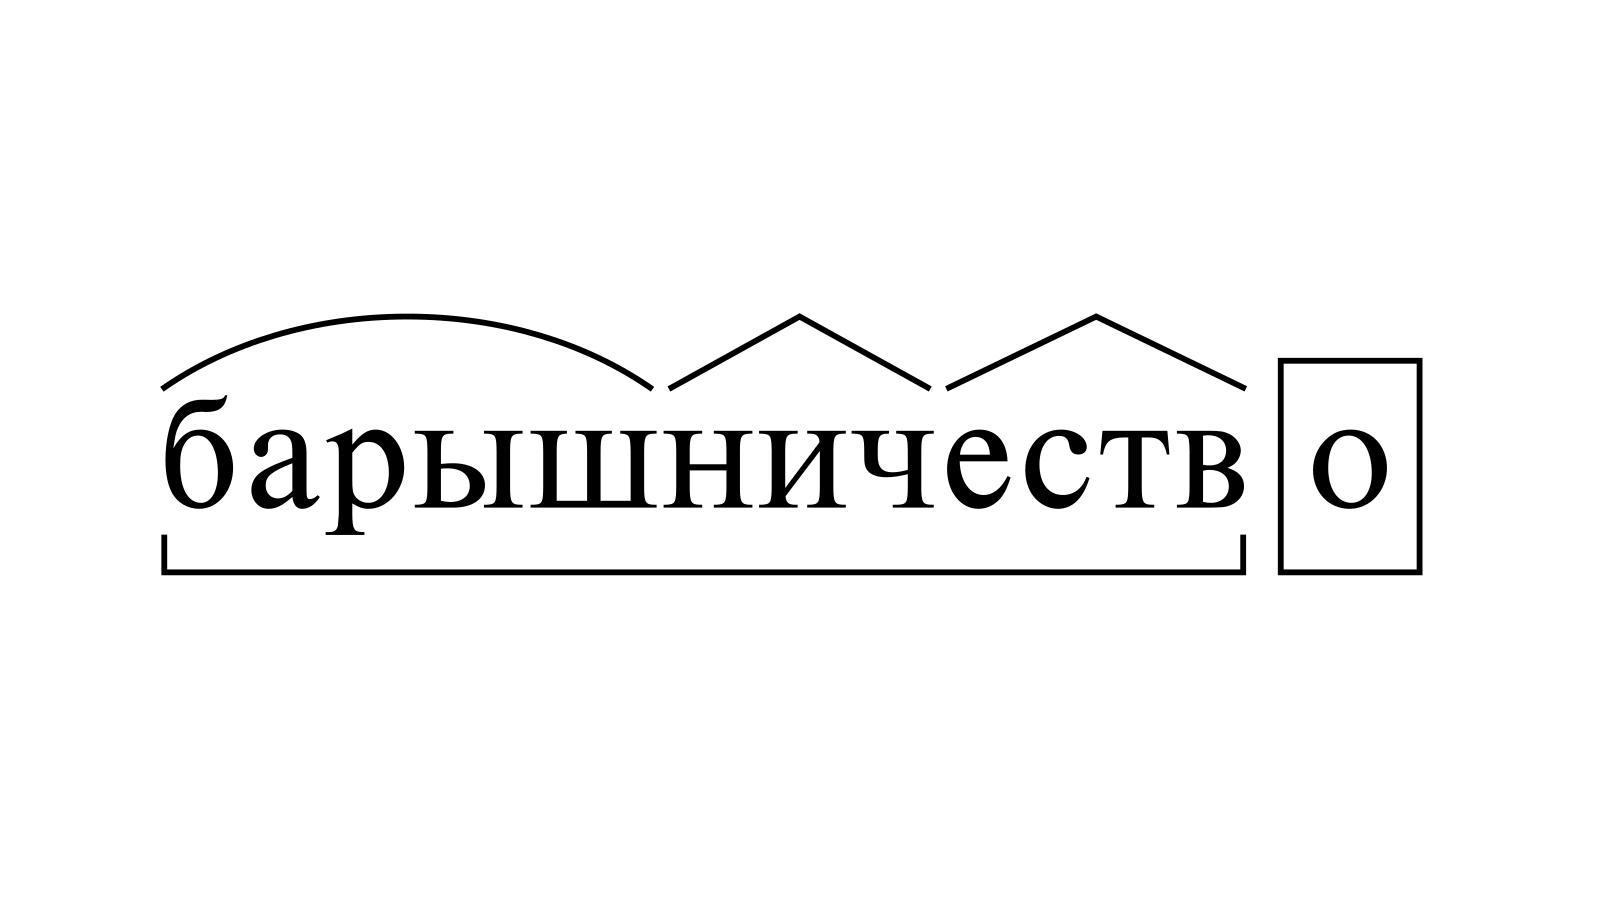 Разбор слова «барышничество» по составу